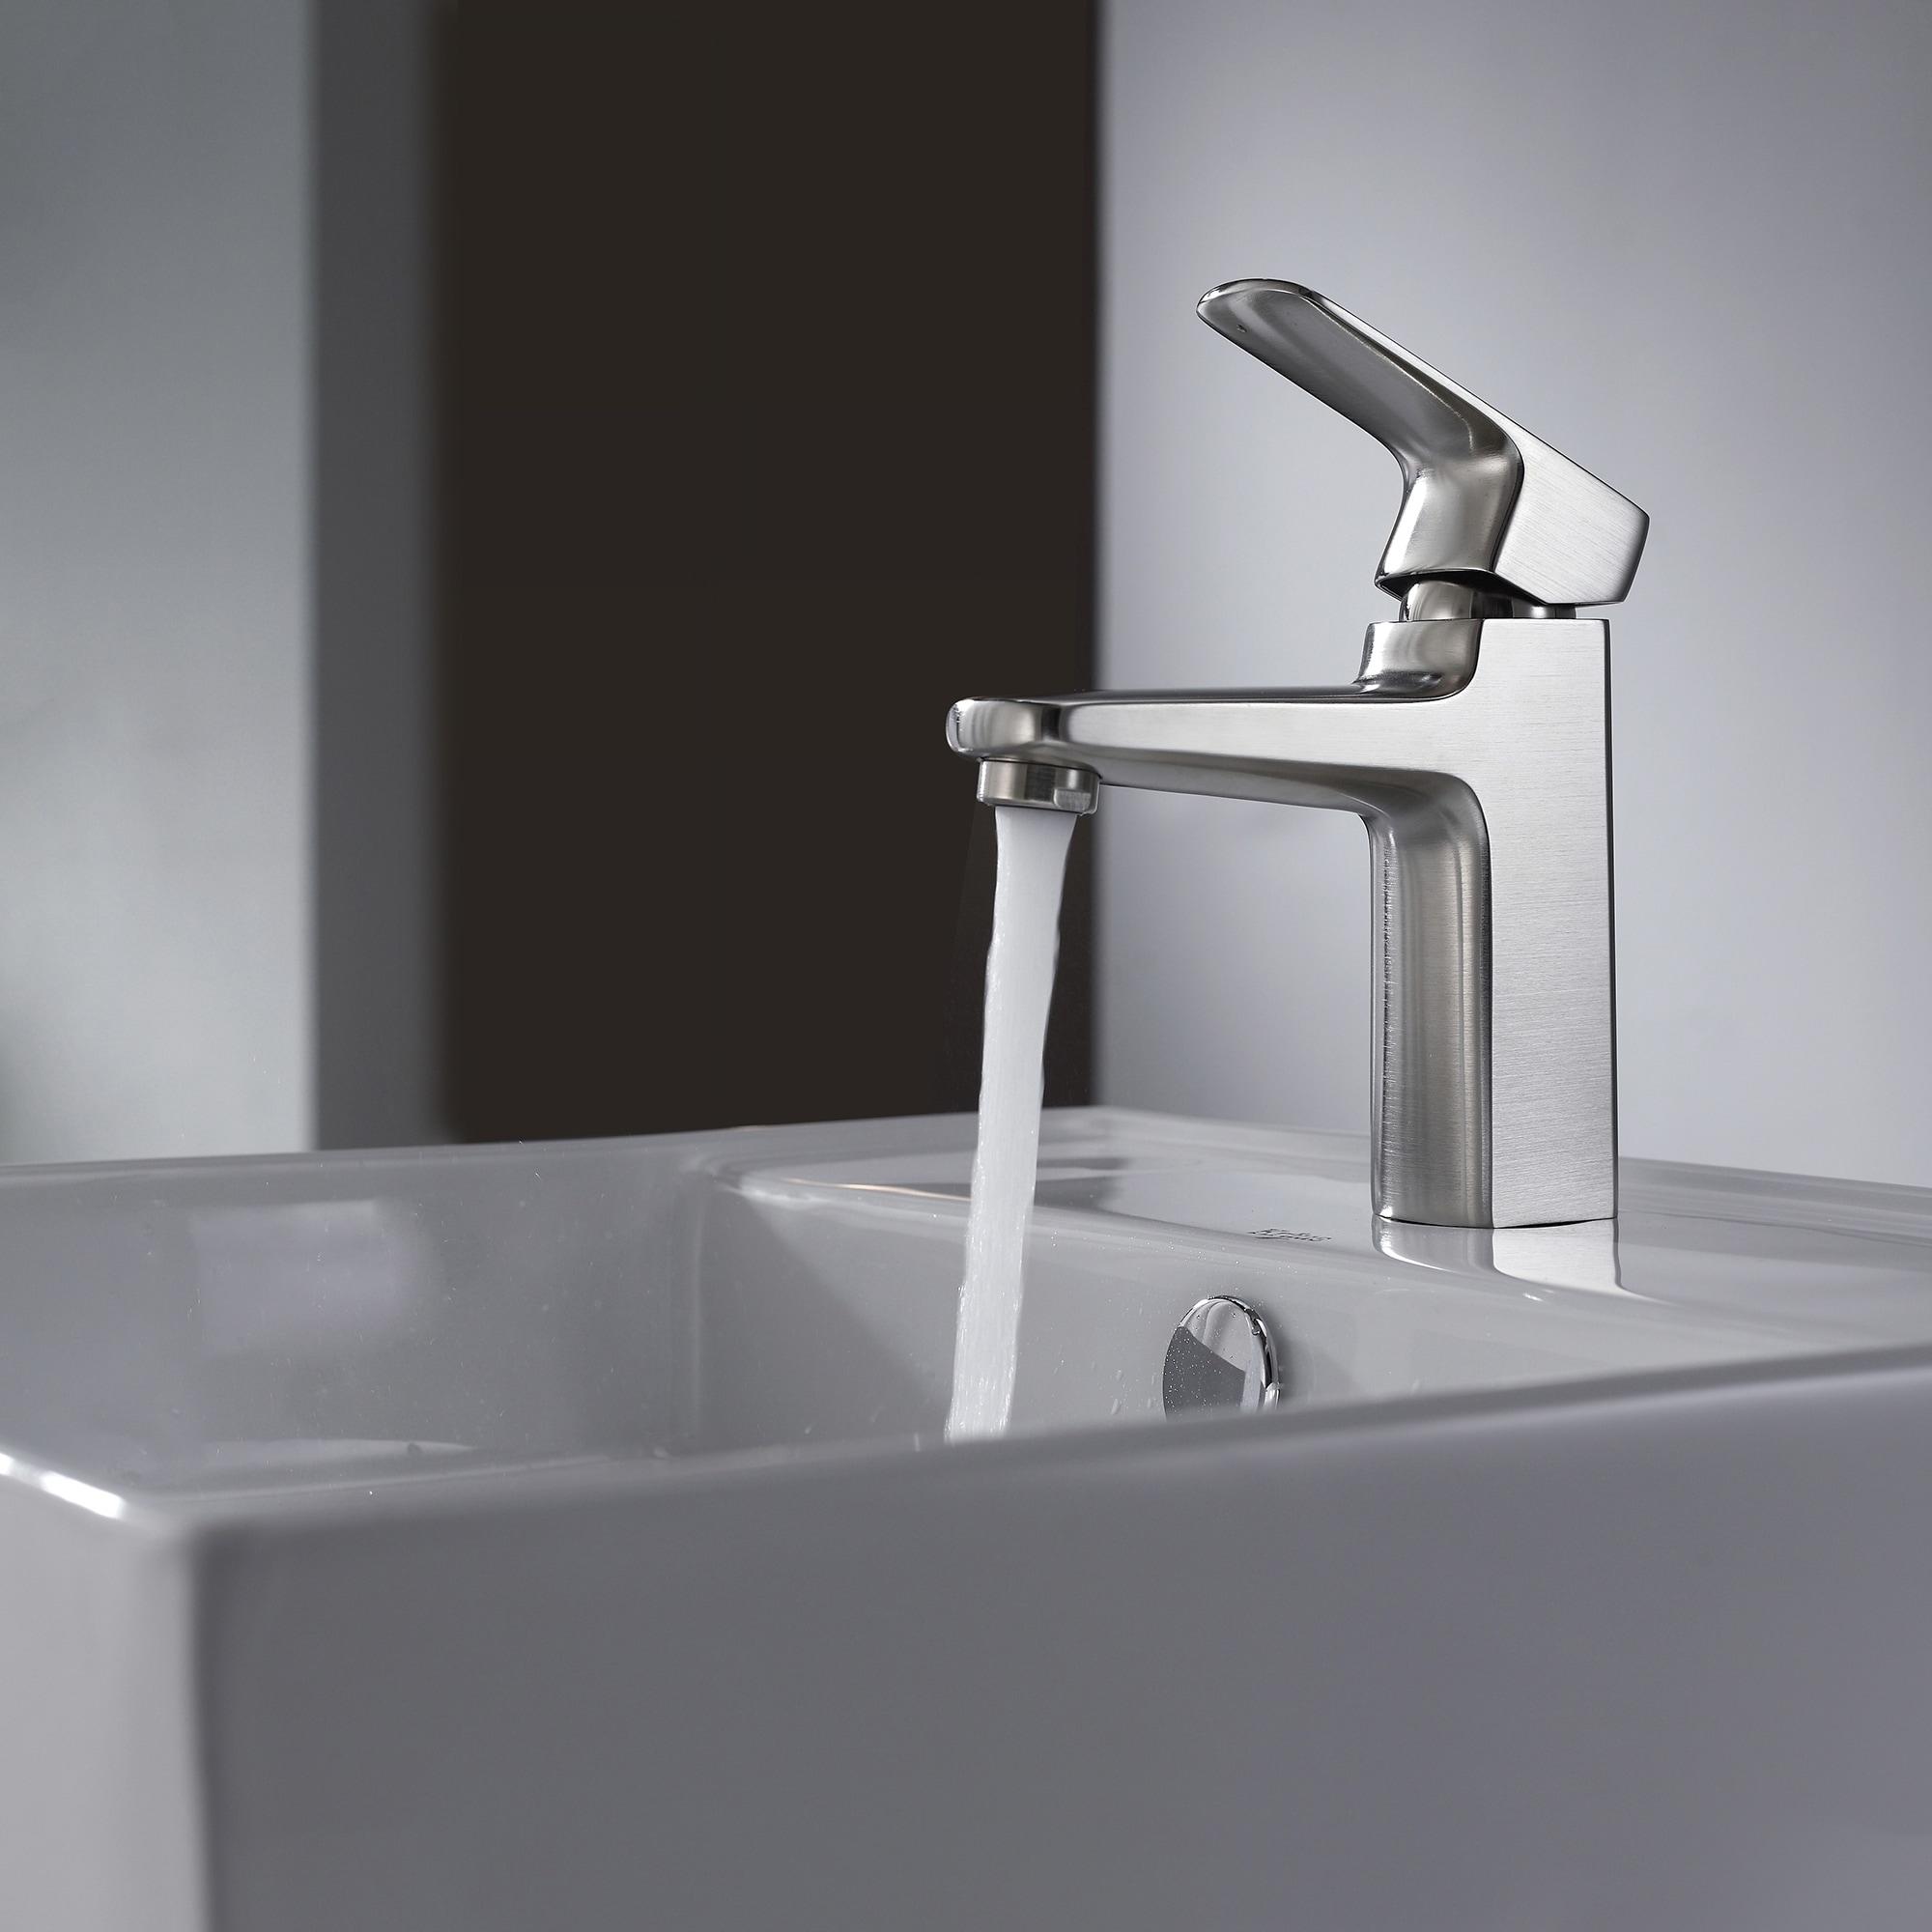 Shop Kraus KEF-15501 Virtus Single Hole Single-Handle Bathroom Basin ...